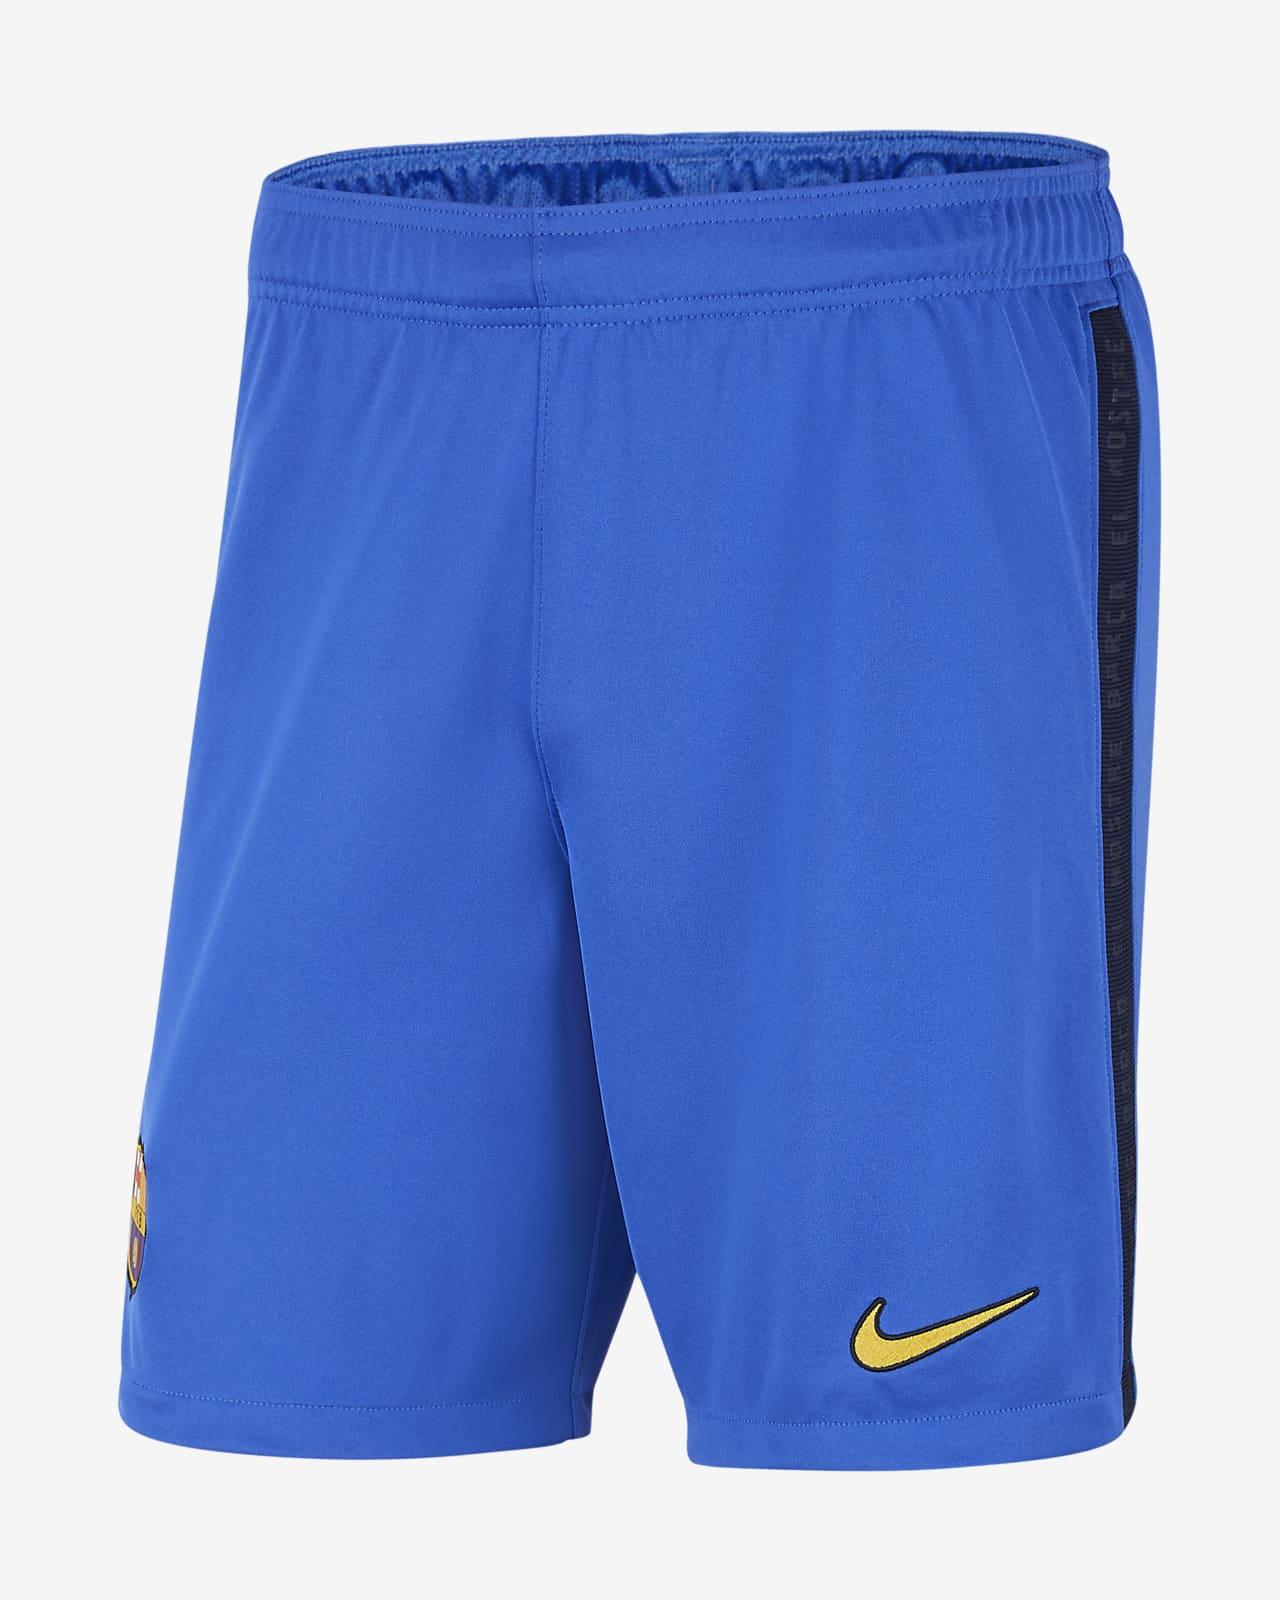 Calções de futebol Nike Dri-FIT do terceiro equipamento Stadium FC Barcelona 2021/22 para homem